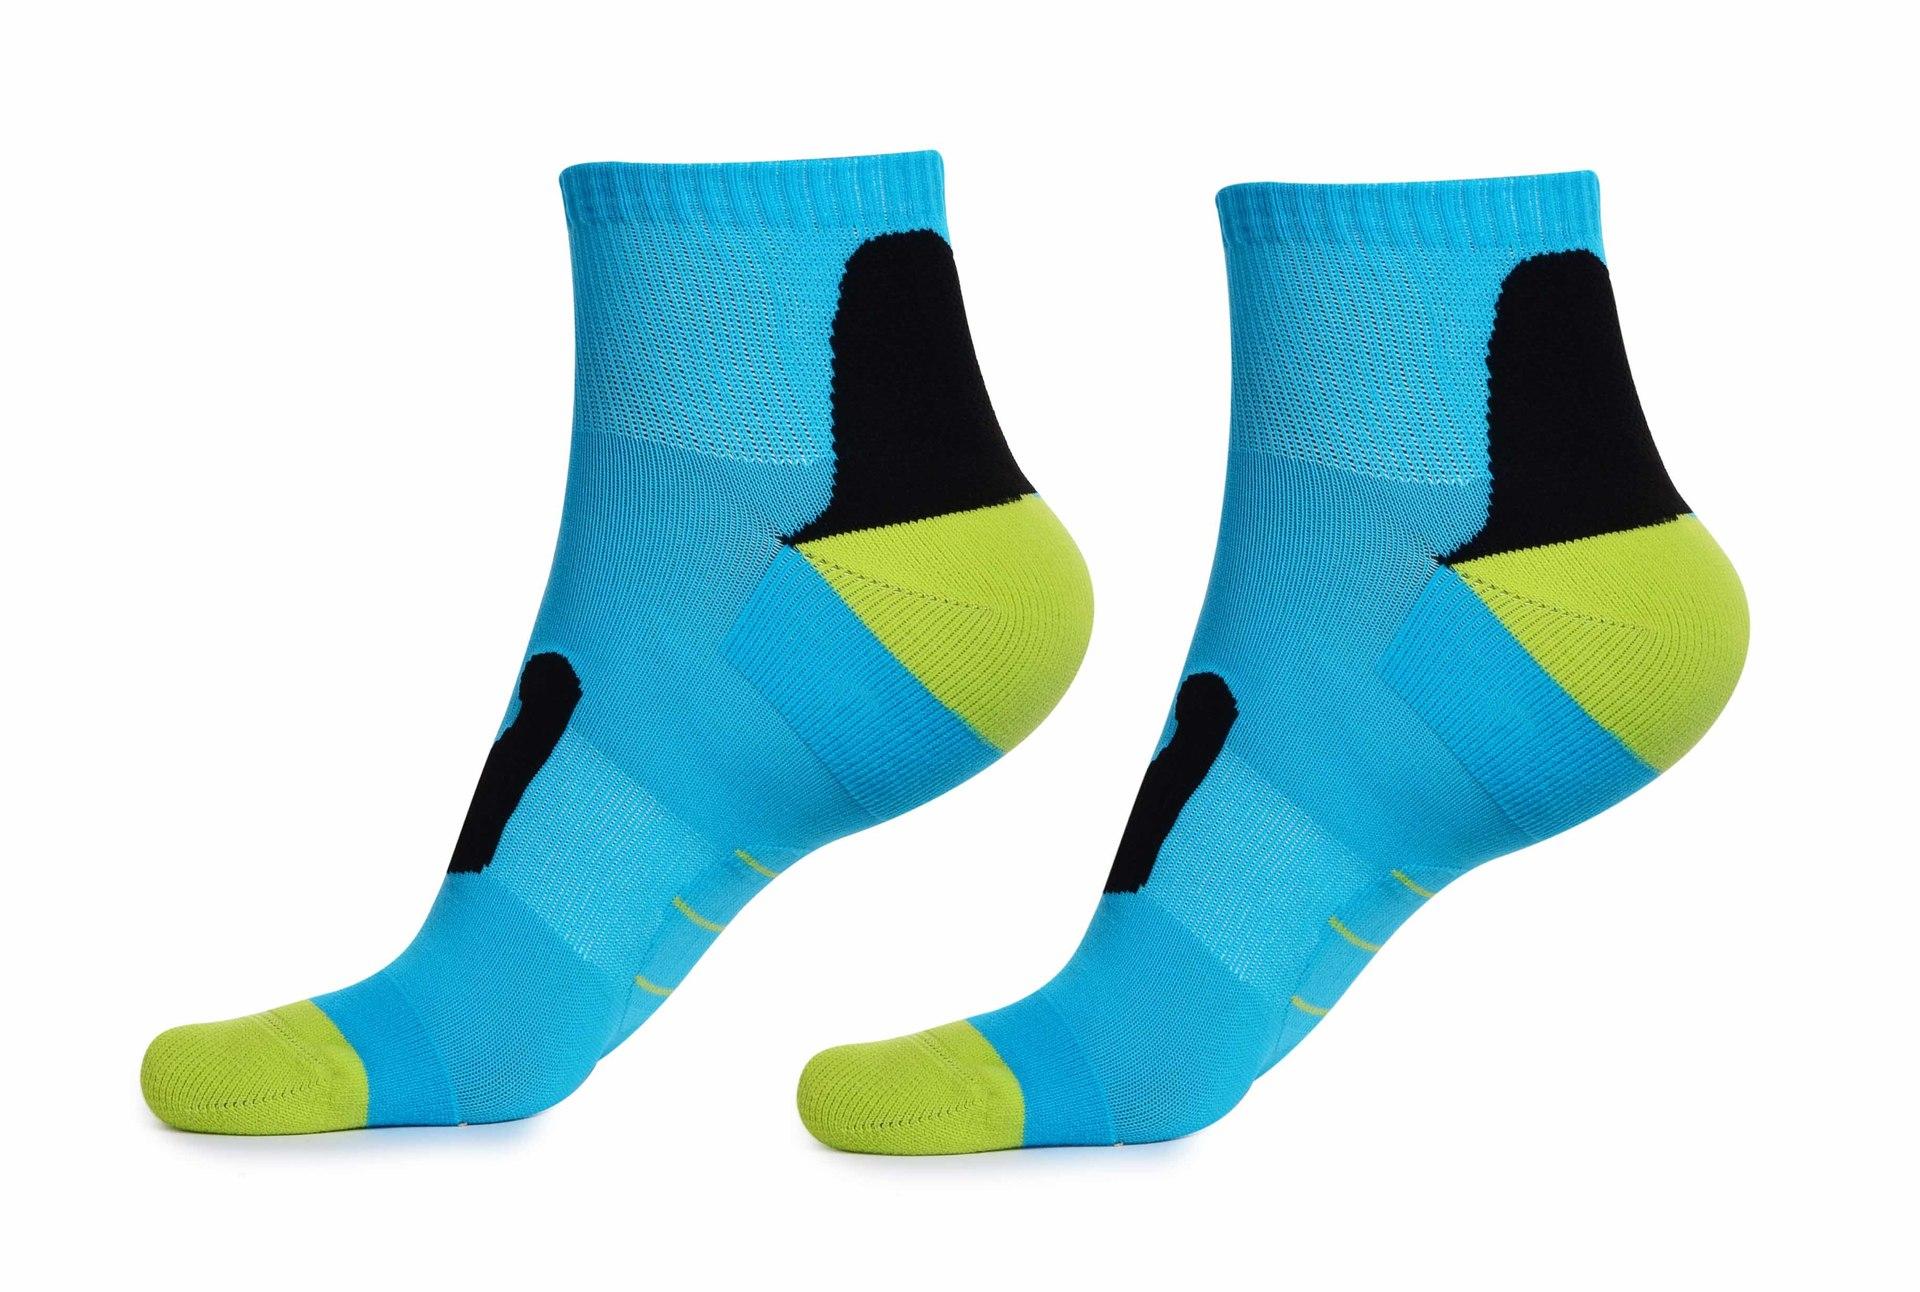 Sportovní funkční ponožky, pohodlné modro-zeleno-černé